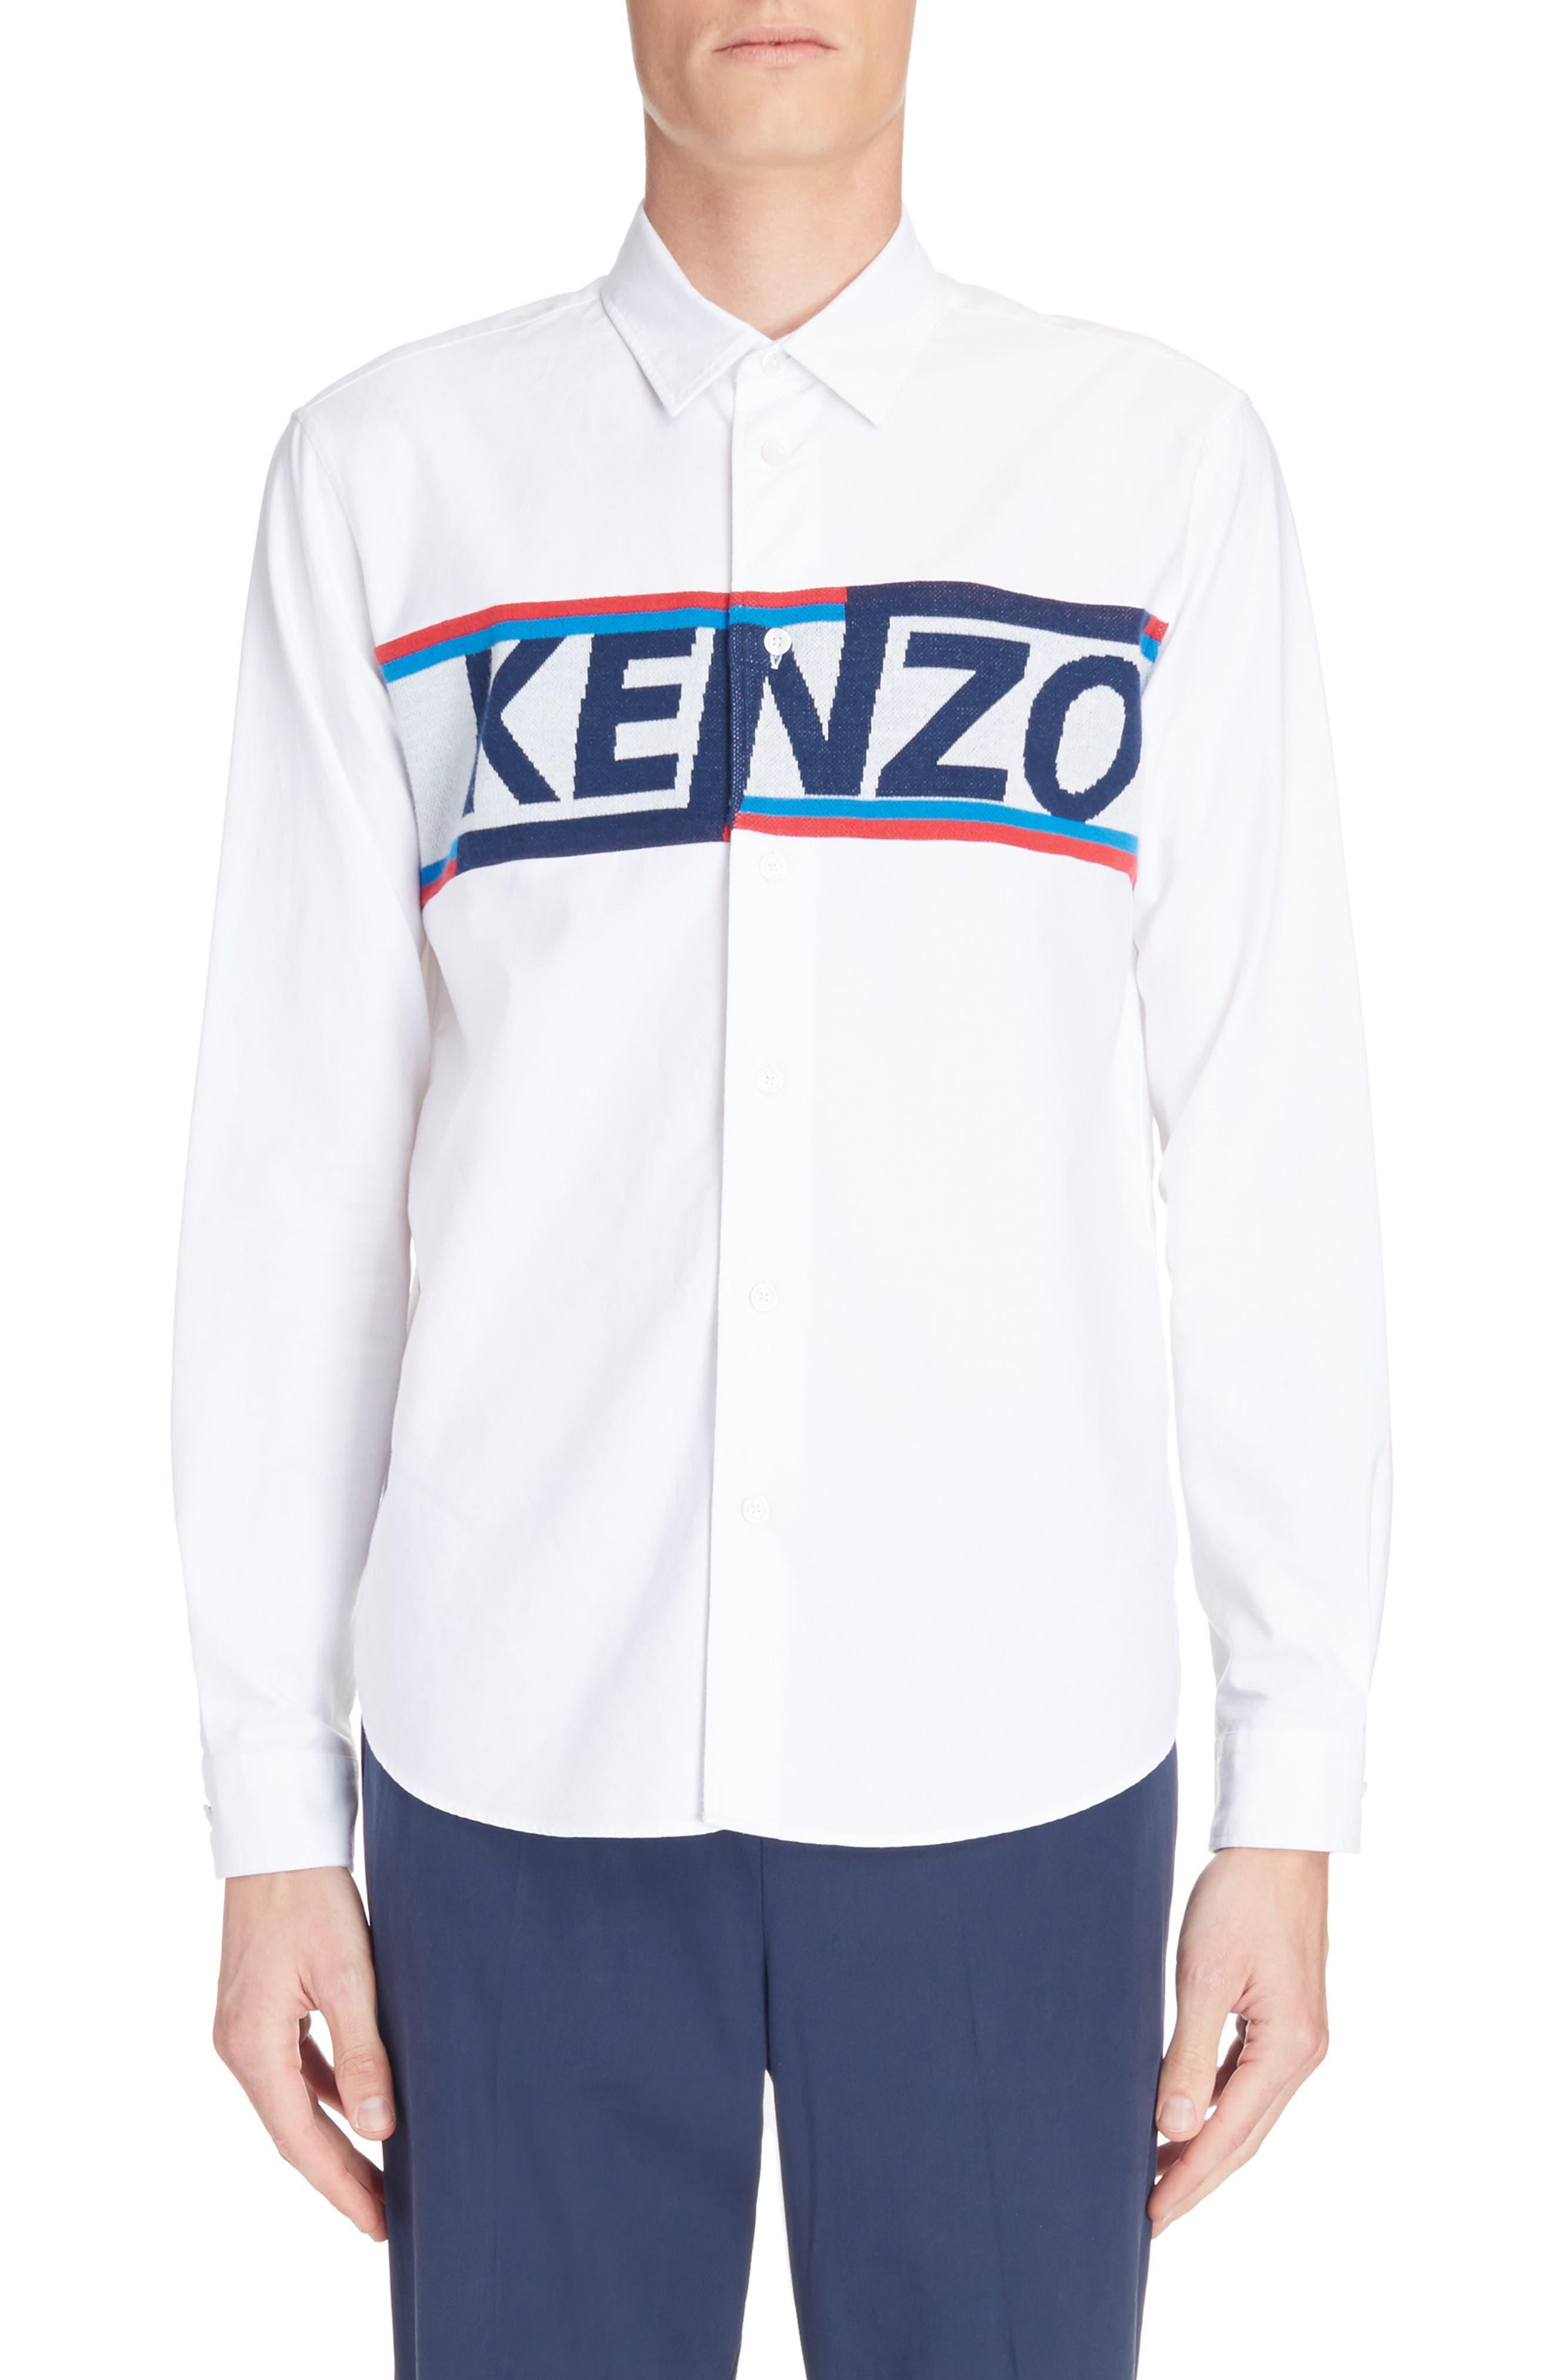 KENZO Knit Logo Woven Shirt